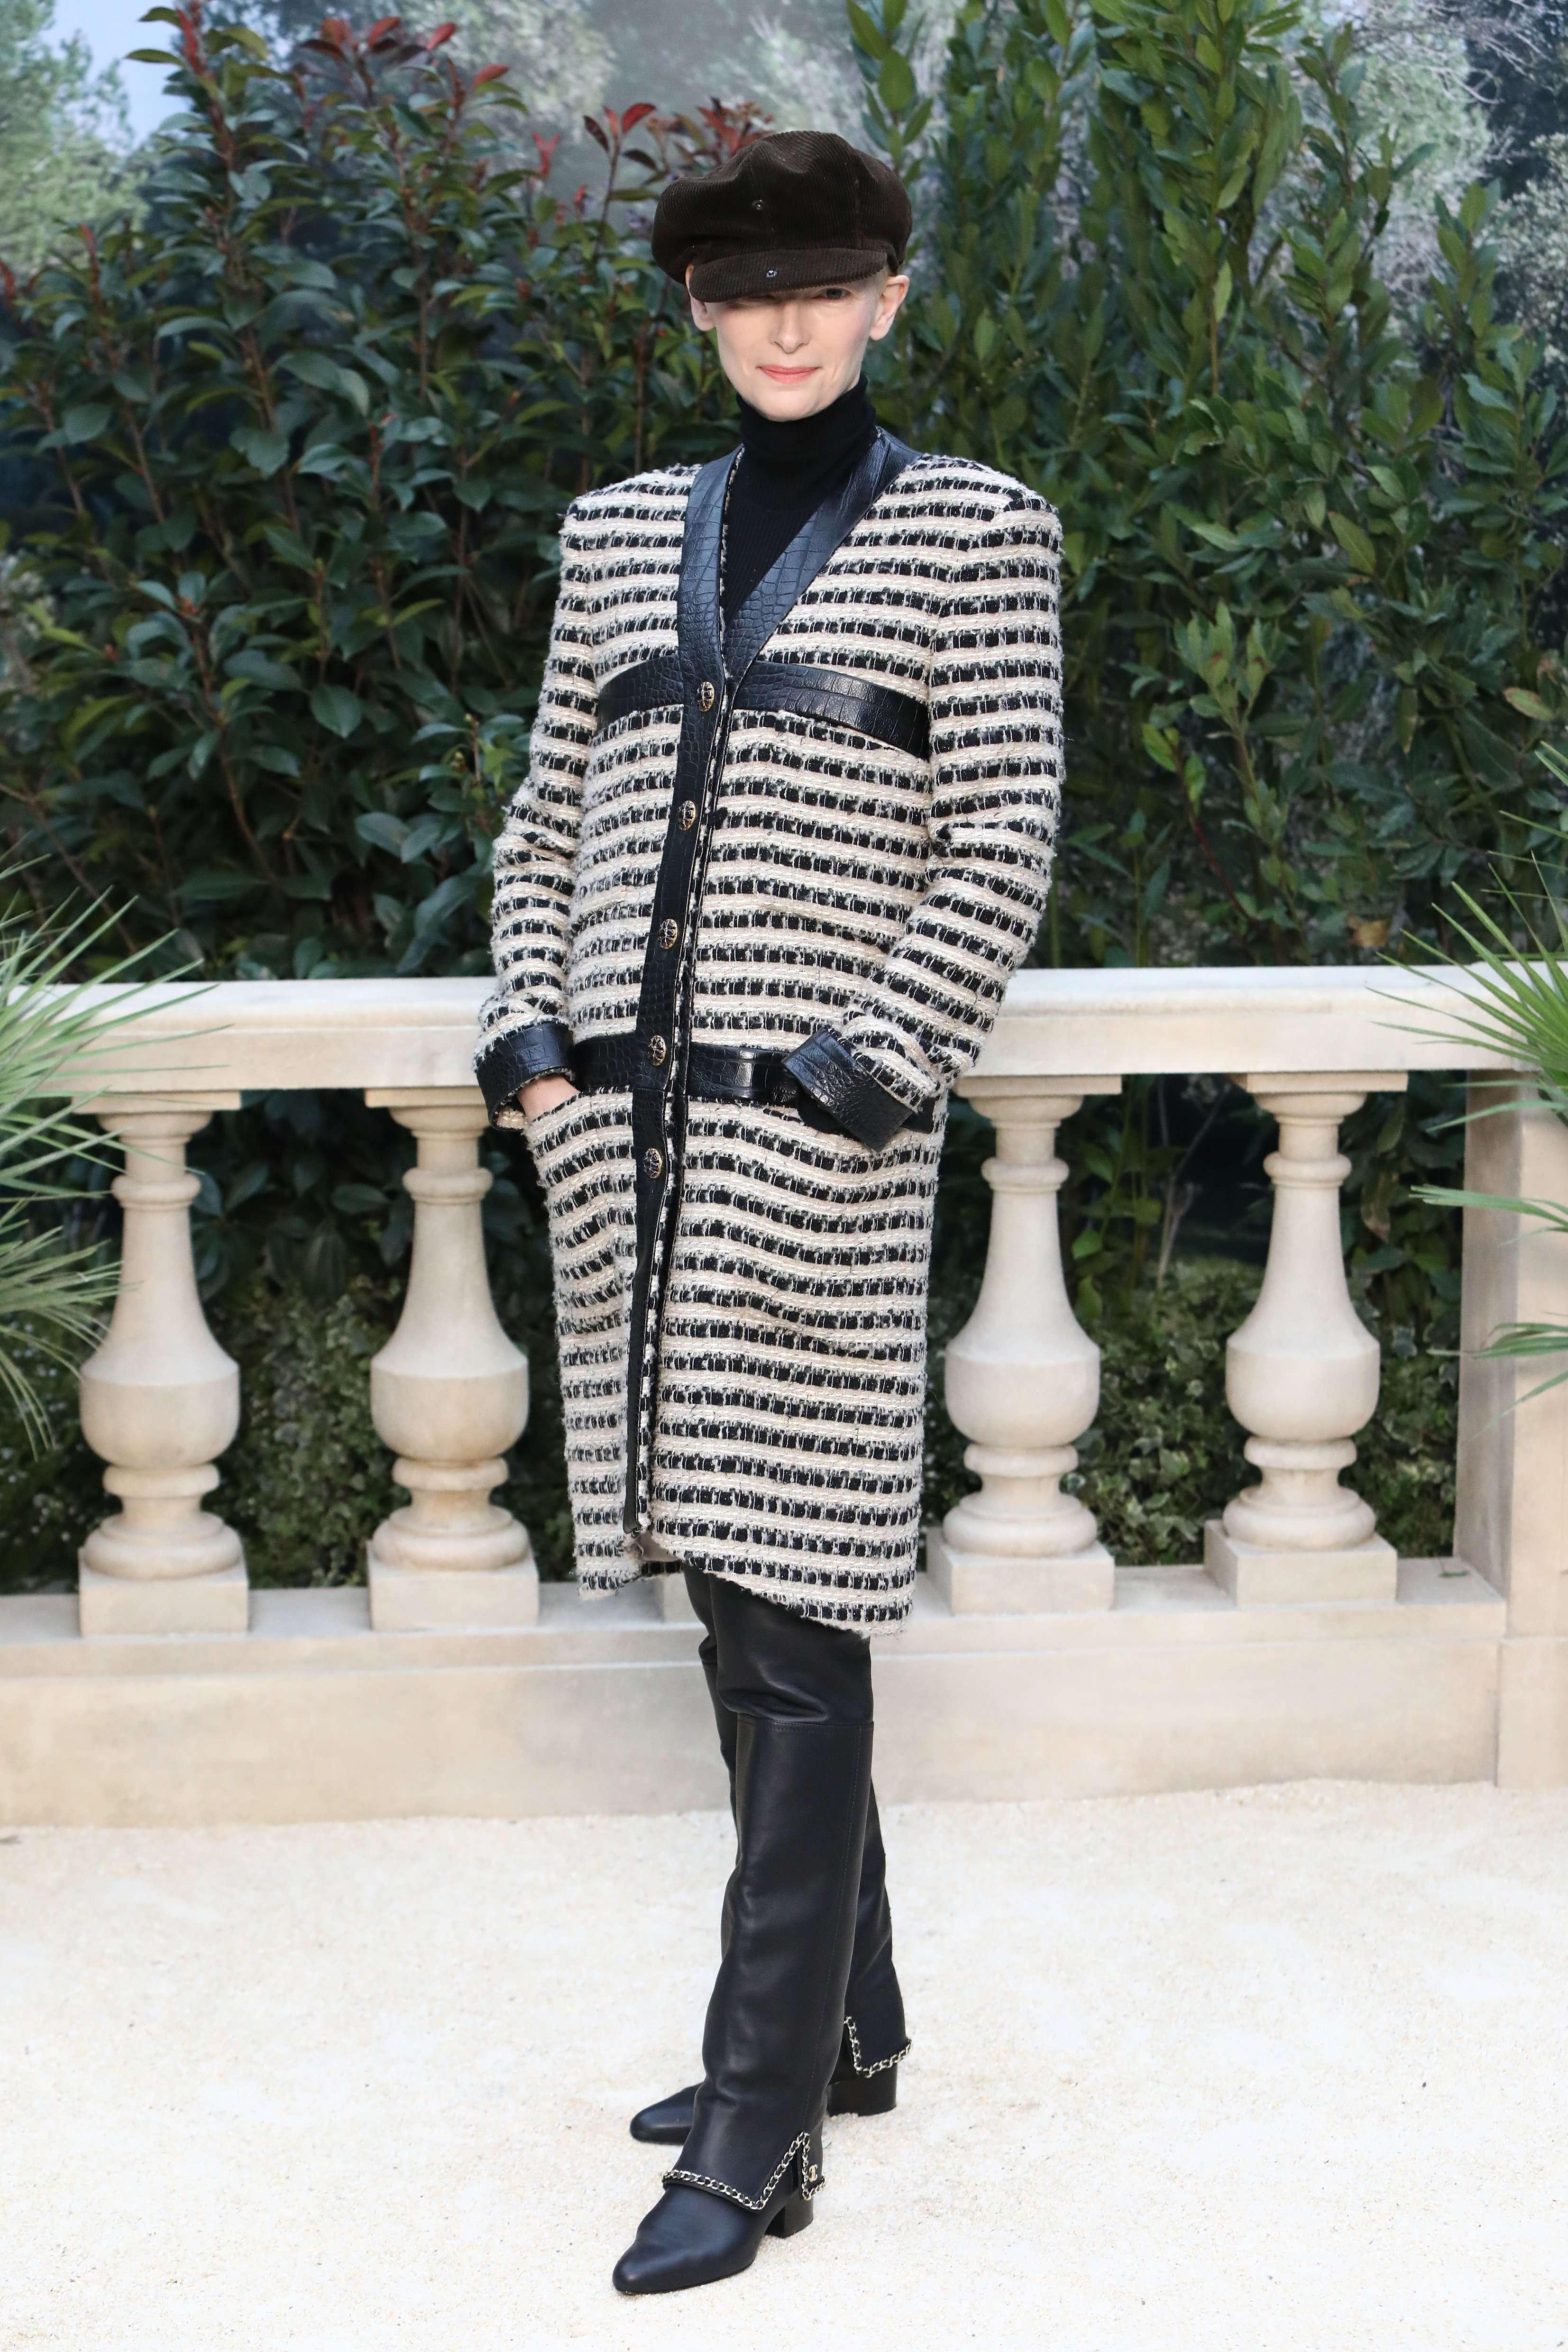 Dàn sao quốc tế đổ bộ Tuần lễ Thời trang Haute Couture Xuân - Hè 2019 3